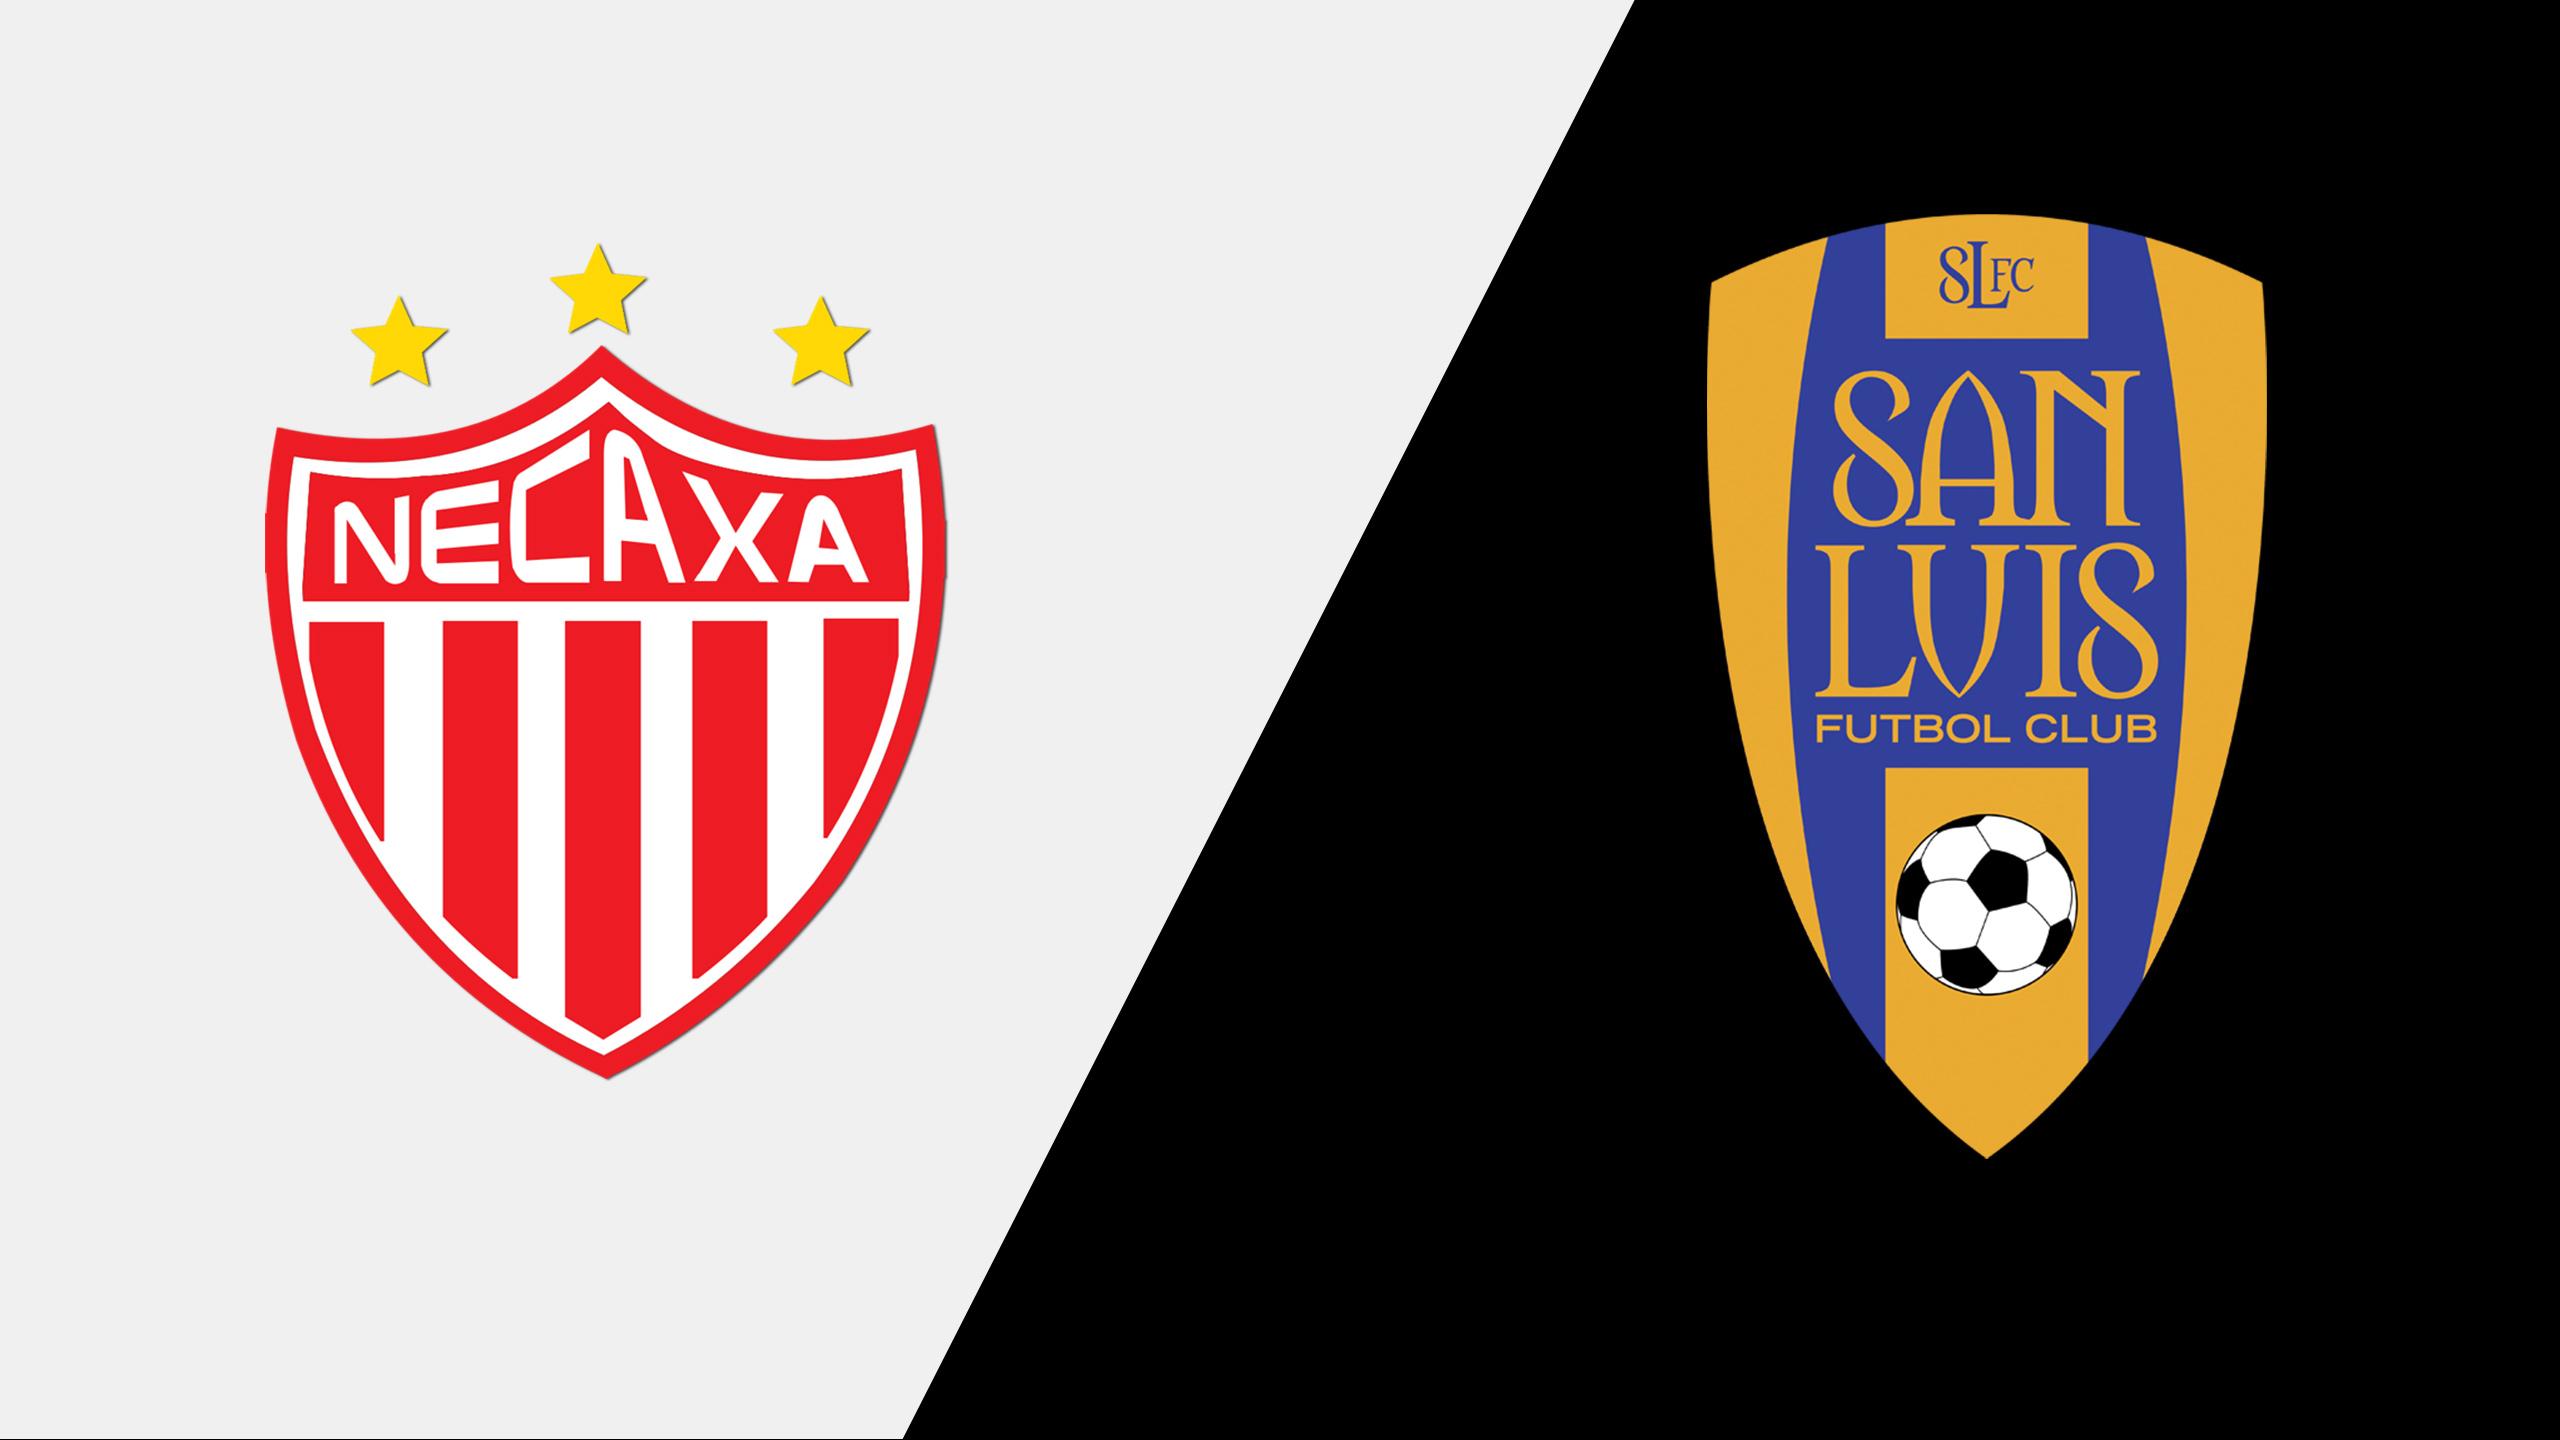 Rayos del Necaxa vs. Atlético San Luis (Jornada 6)